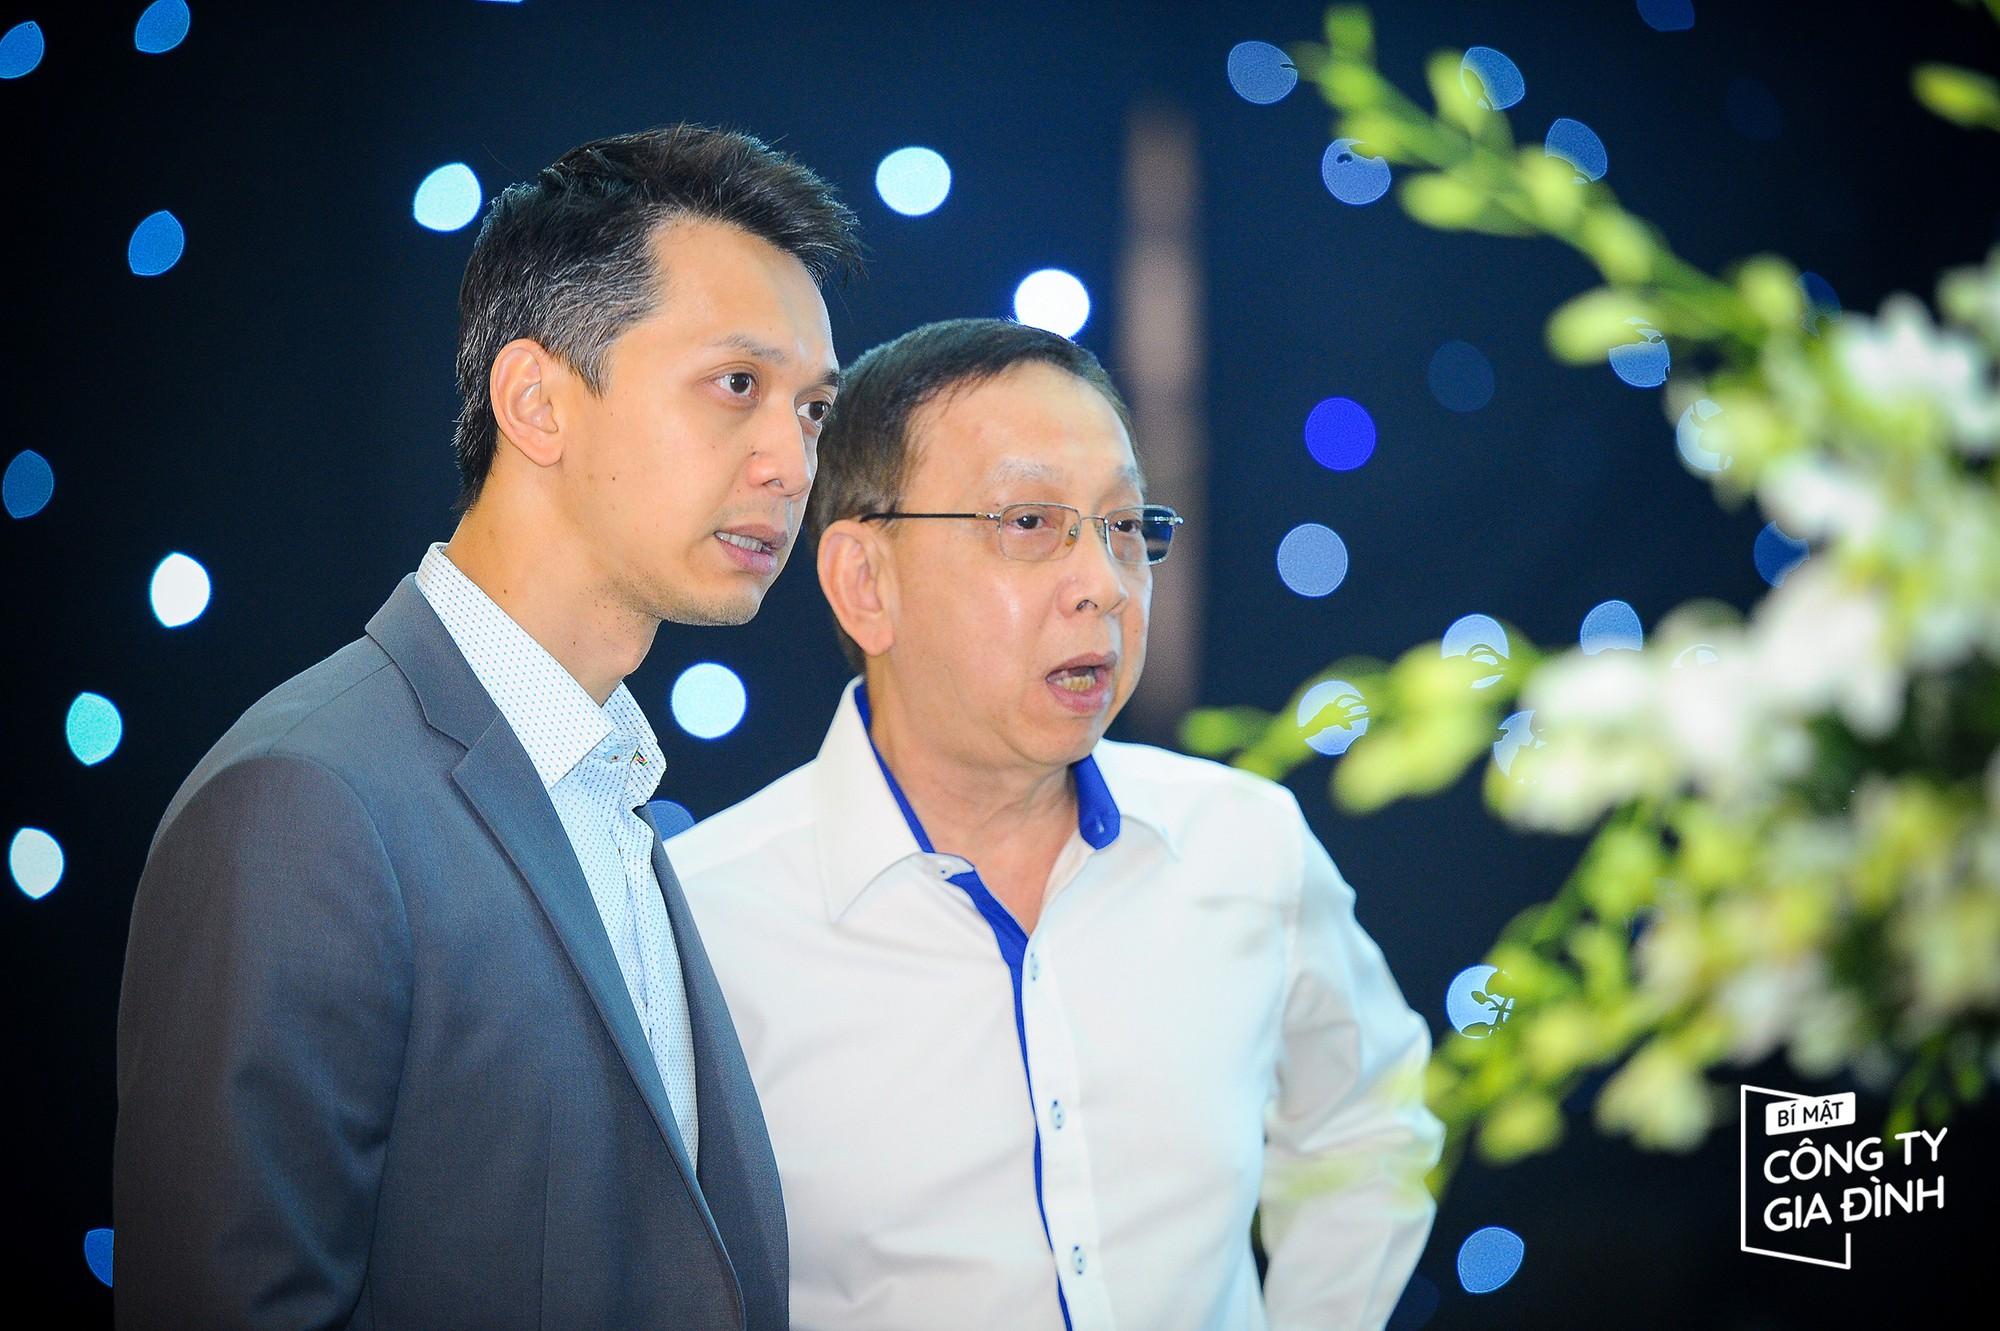 Trần Hùng Huy: Vị Chủ tịch ngân hàng đặc biệt nhất Việt Nam - Ảnh 16.